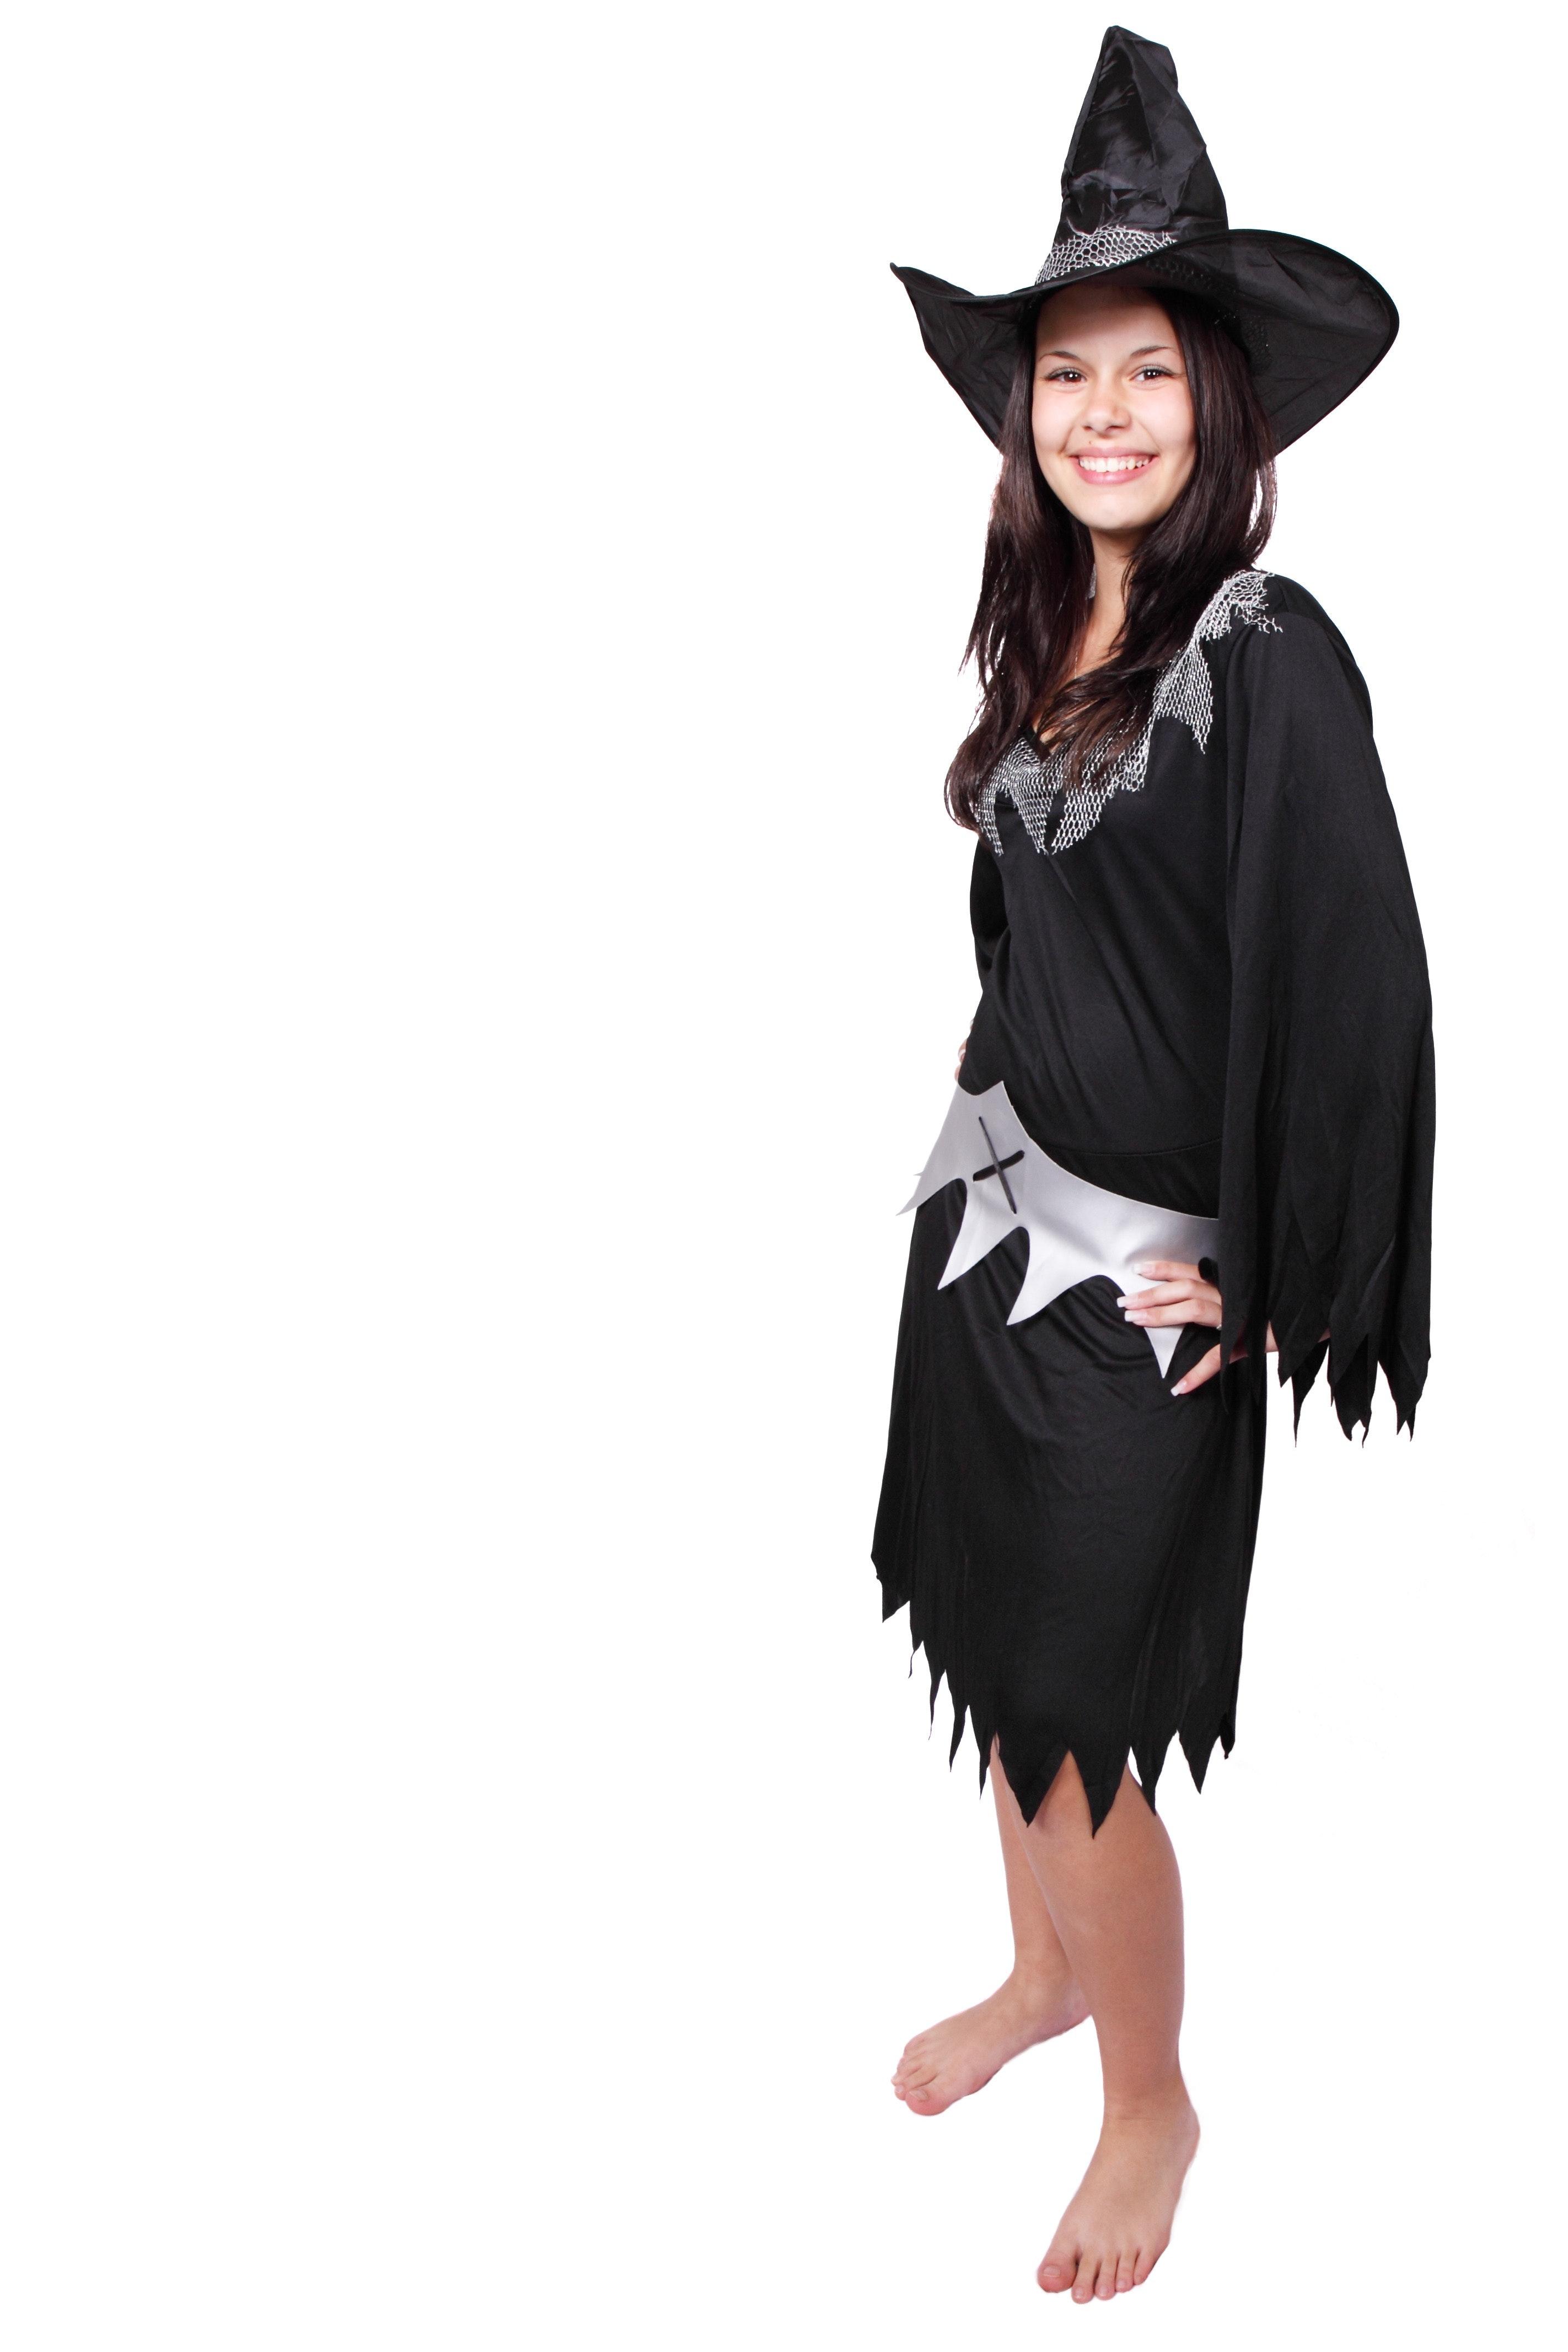 Women in Witch Costume, Costume, Cute, Female, Girl, HQ Photo